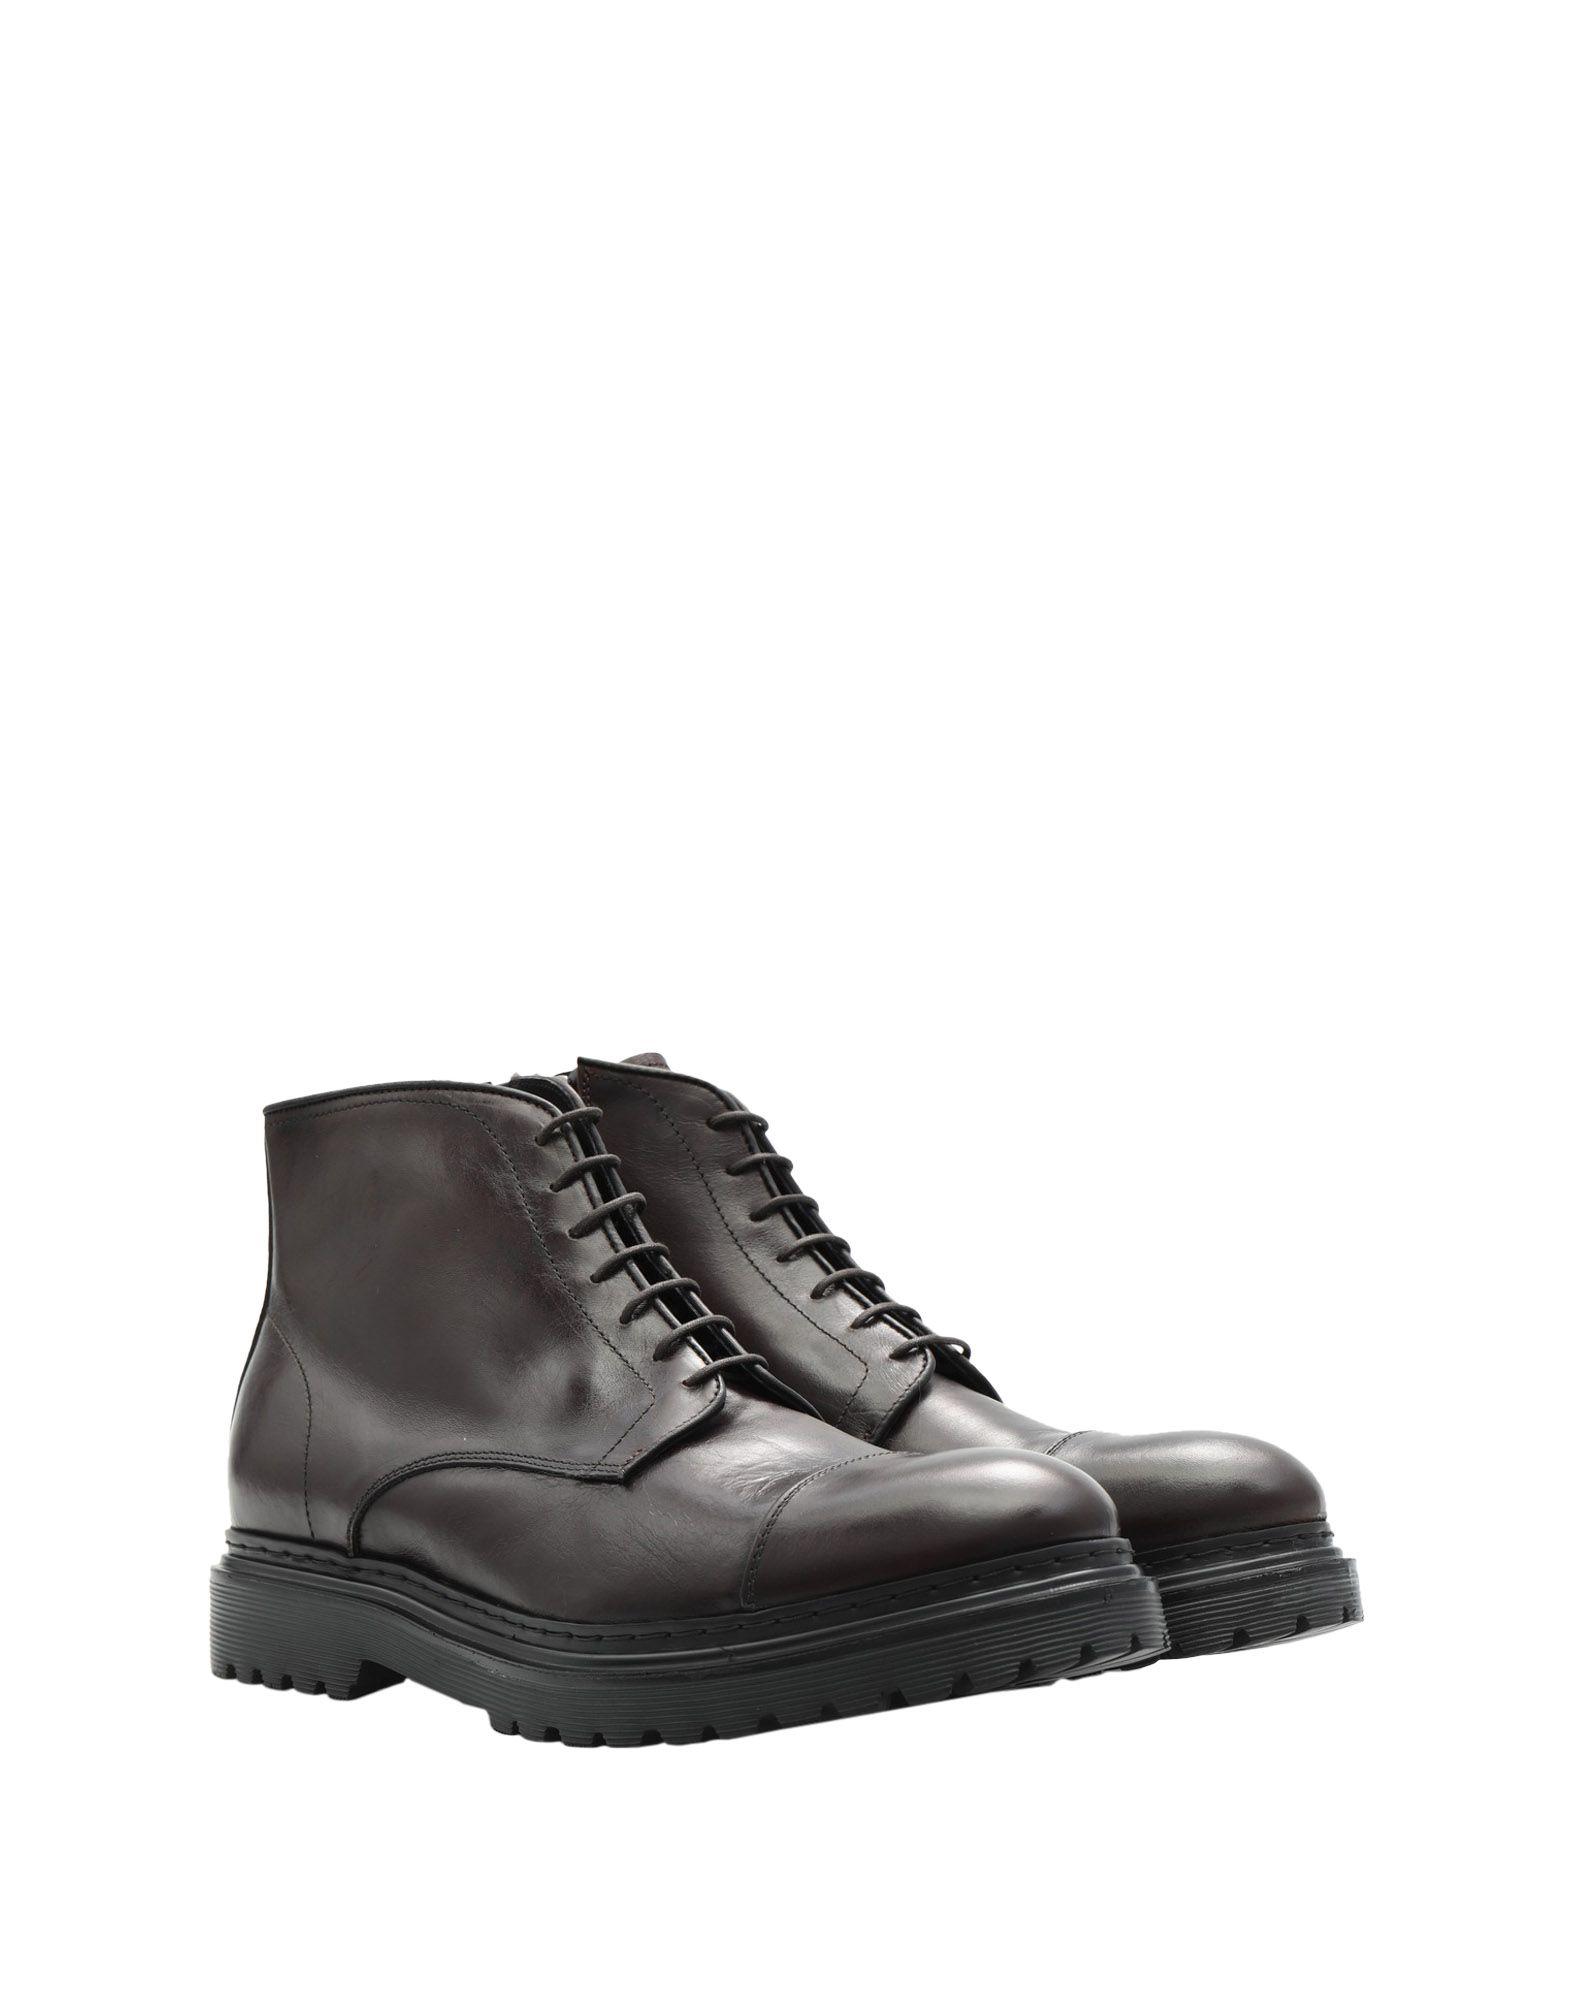 Pawelk's Stiefelette Herren  11524586FH Gute Qualität beliebte Schuhe